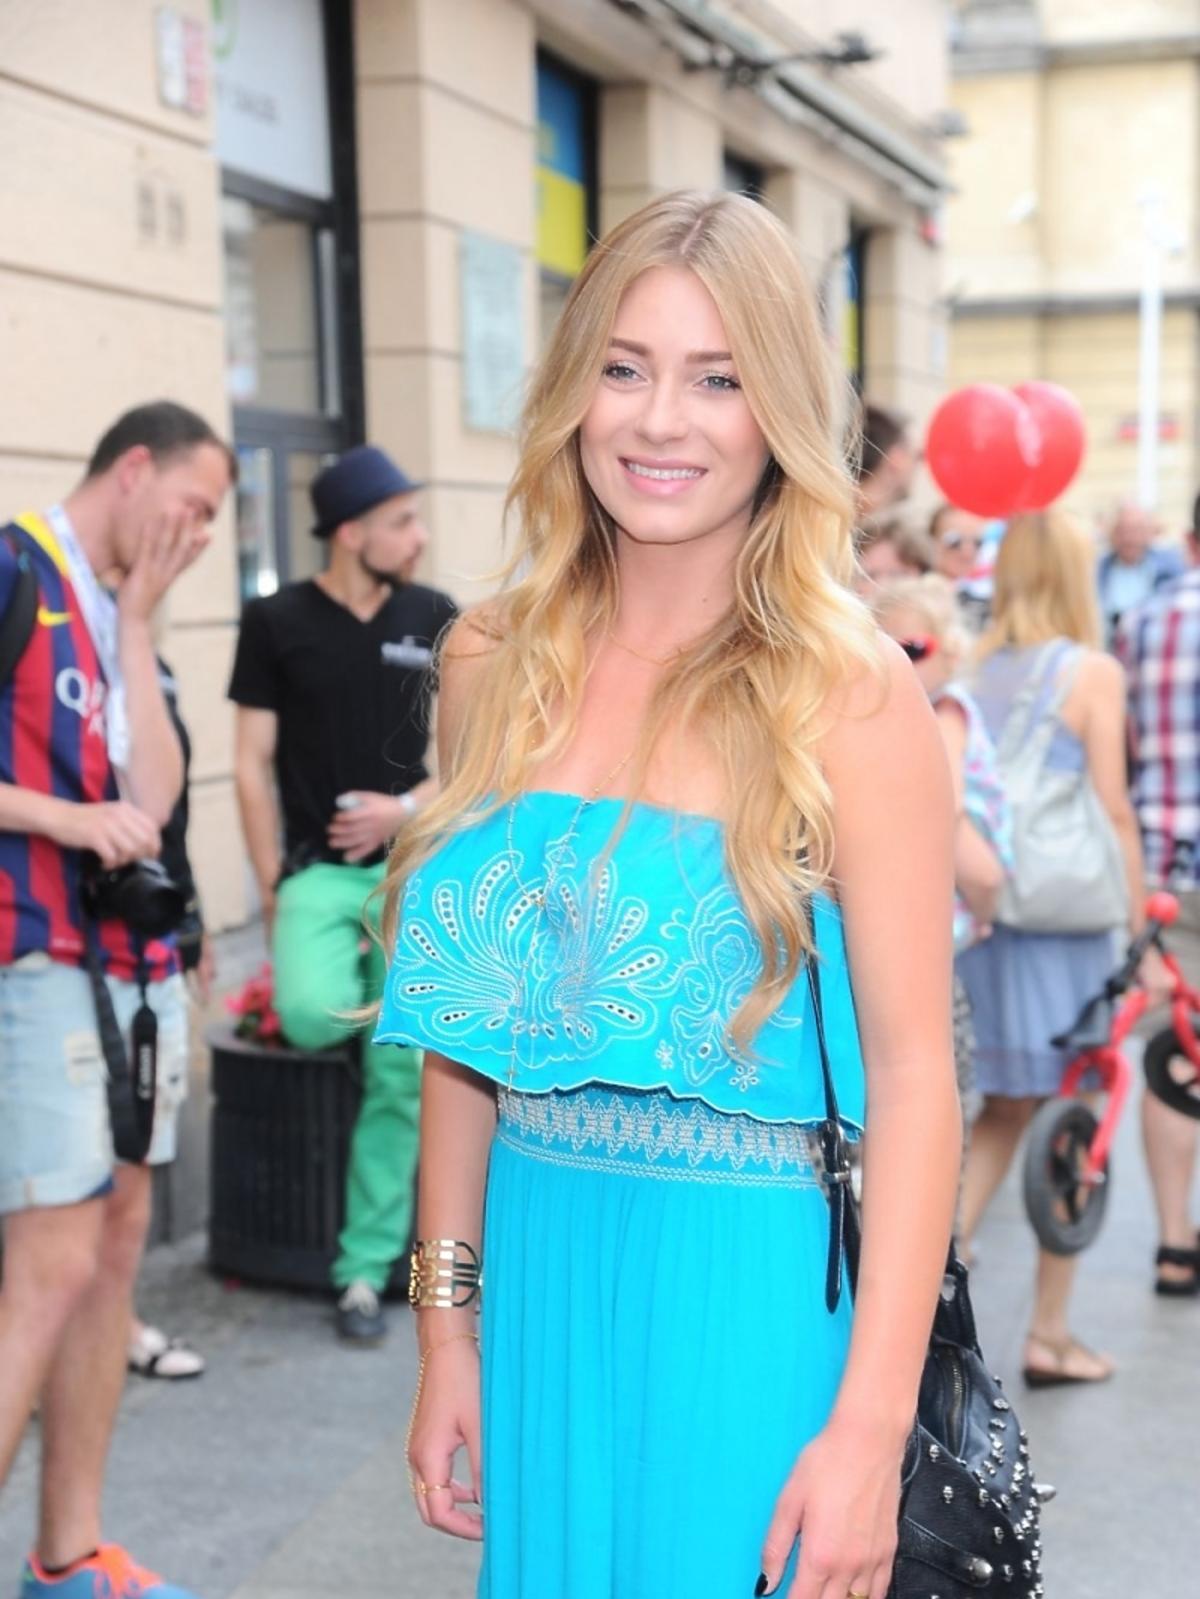 Marcelina Zawadzk na Street Fashion